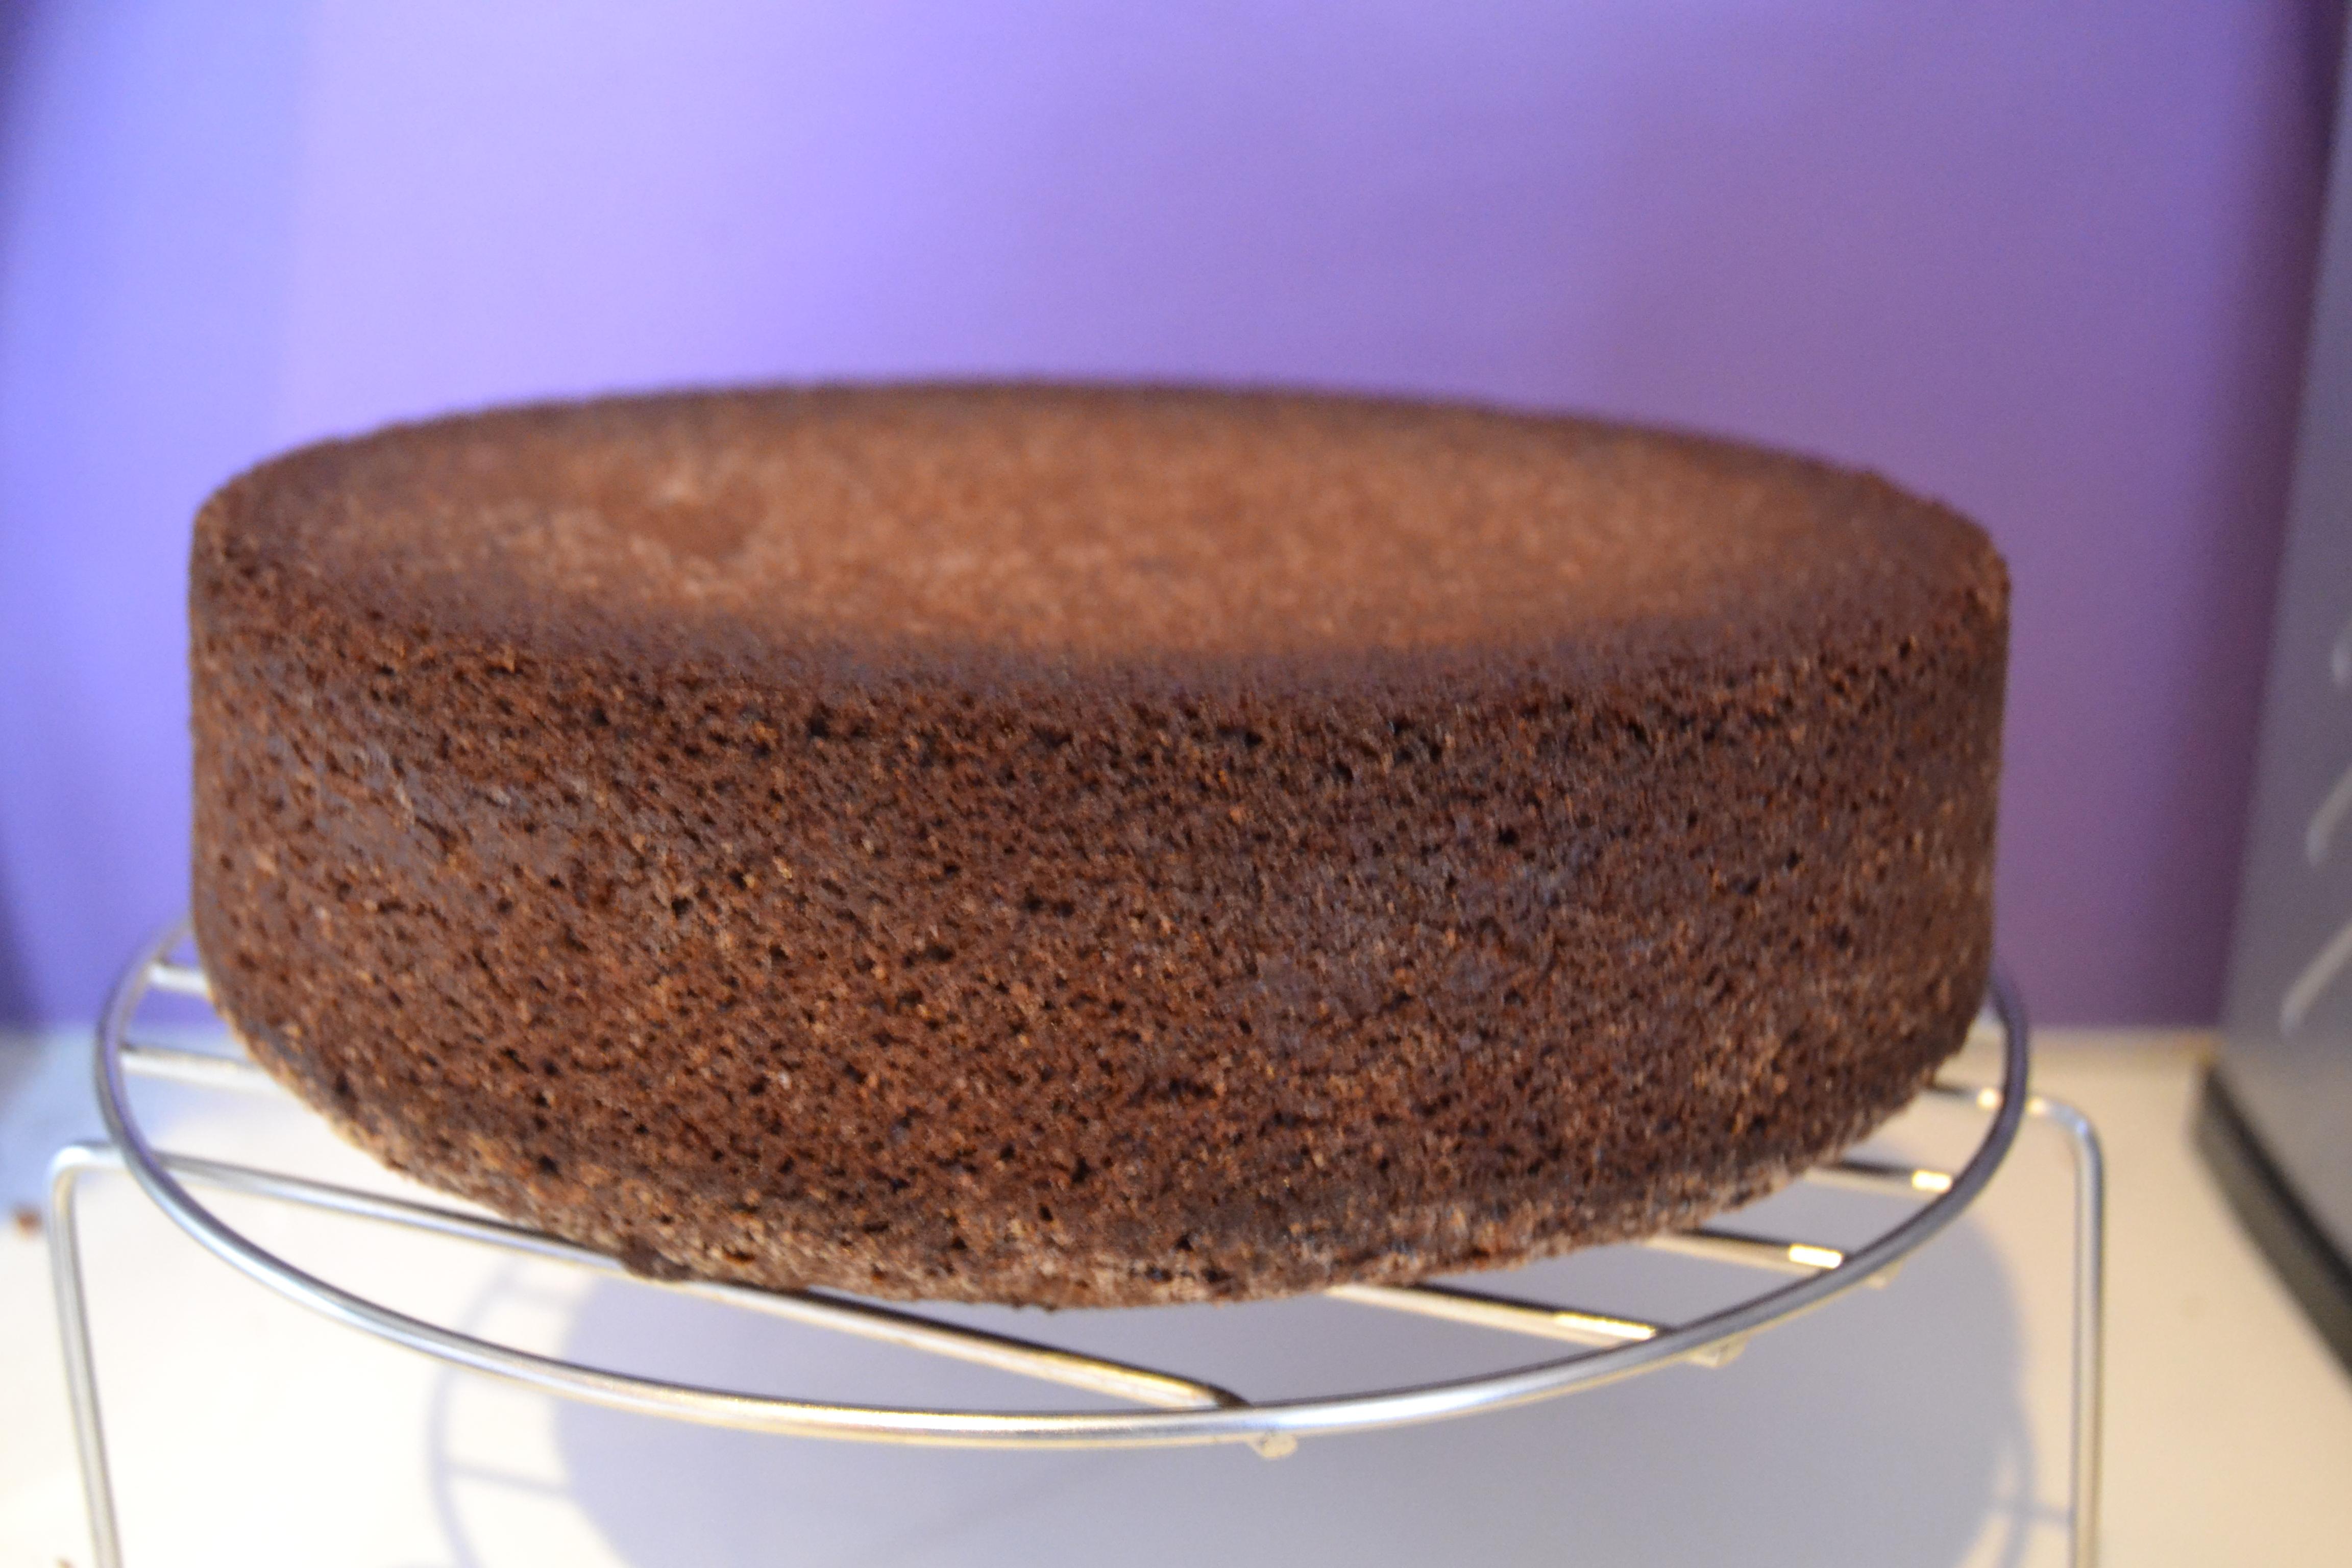 Recette pour faire un gateau au chocolat moelleux